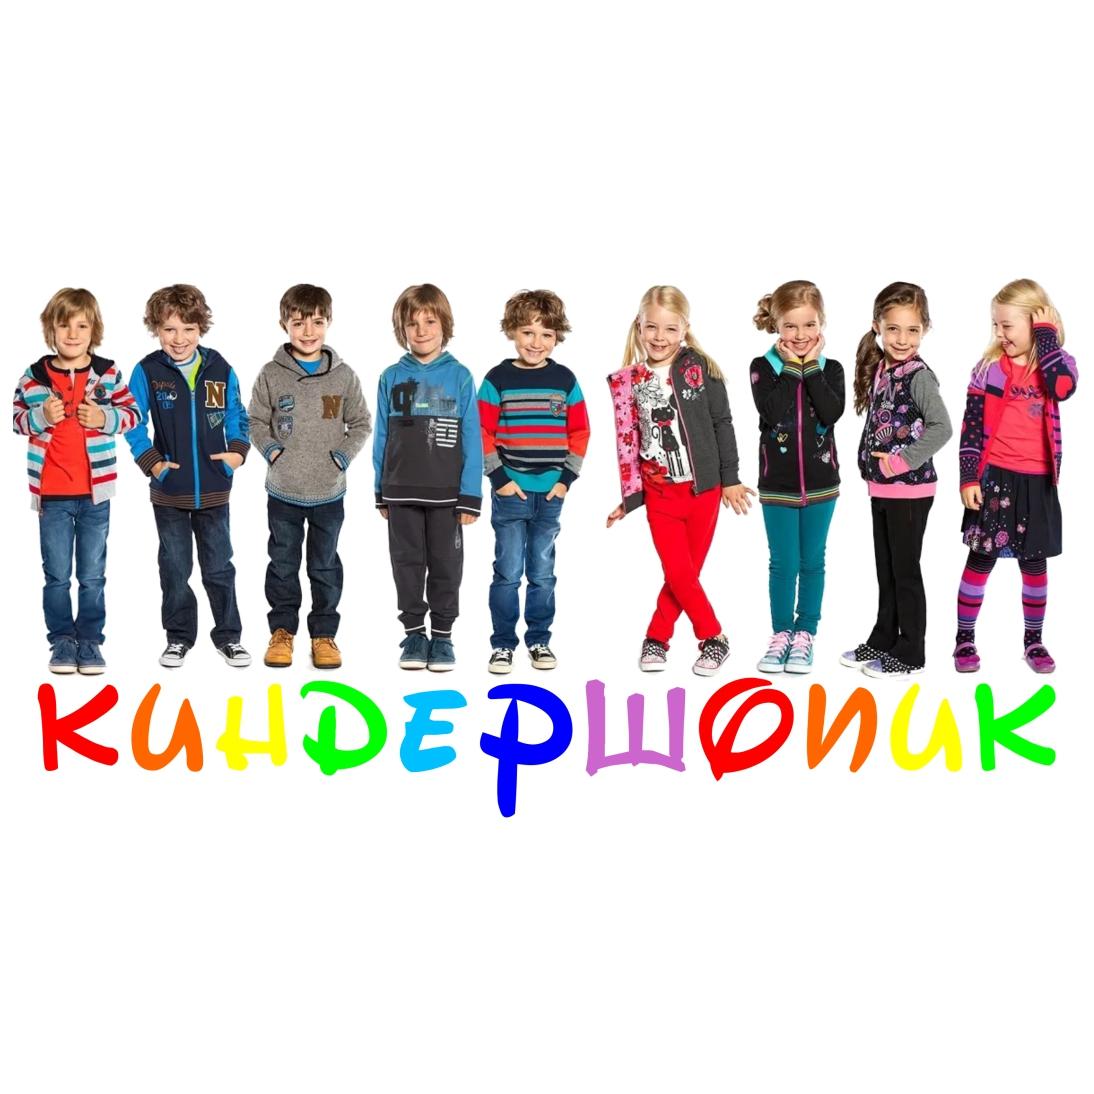 купить детскую одежду в СПб